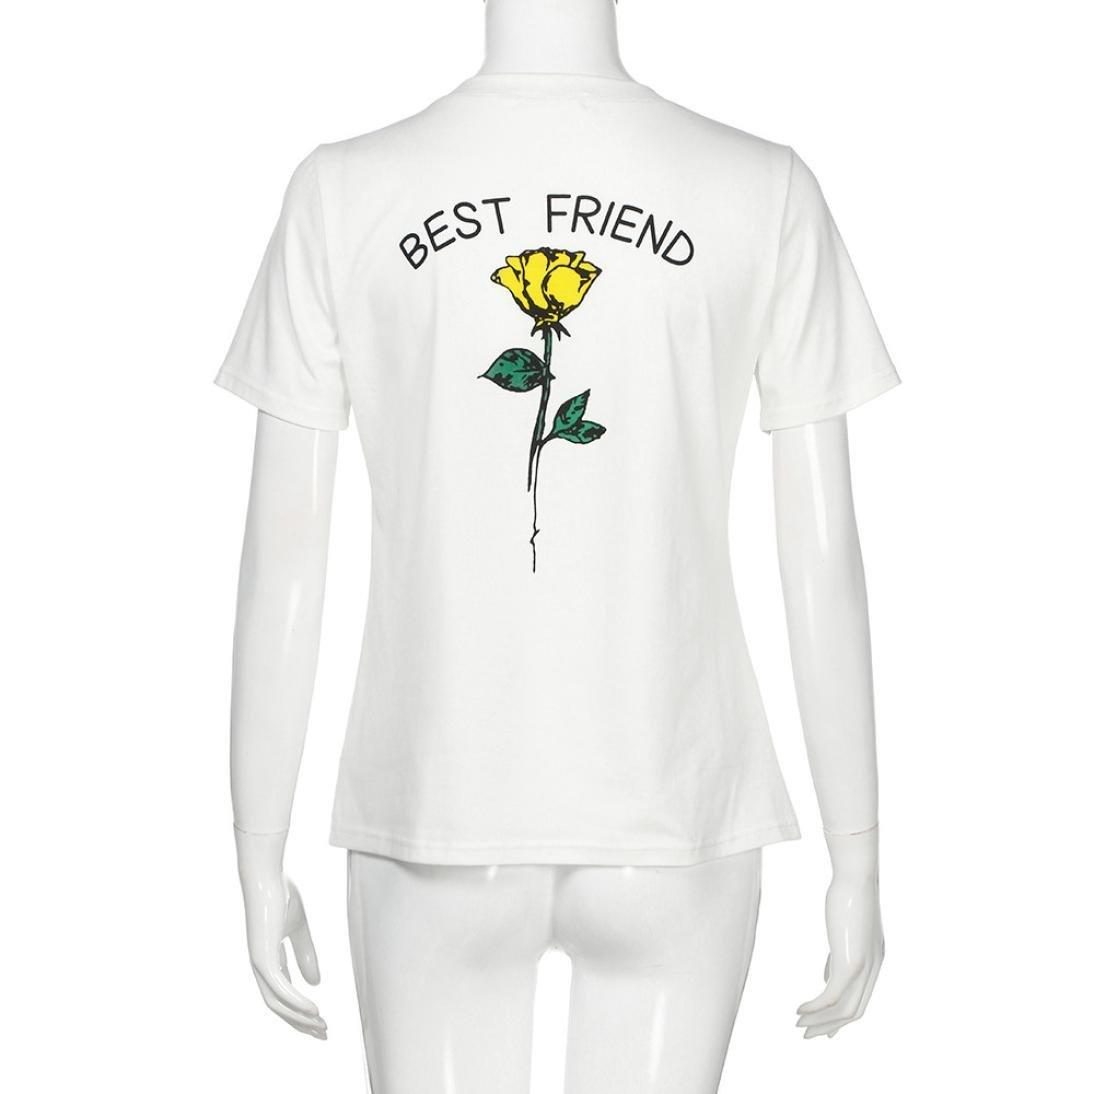 Camisas Mujer, ❤️Xinan Las Letras del Mejor Amigo de Las Mujeres subieron Las Camisetas Impresas Blusas causales: Amazon.es: Ropa y accesorios